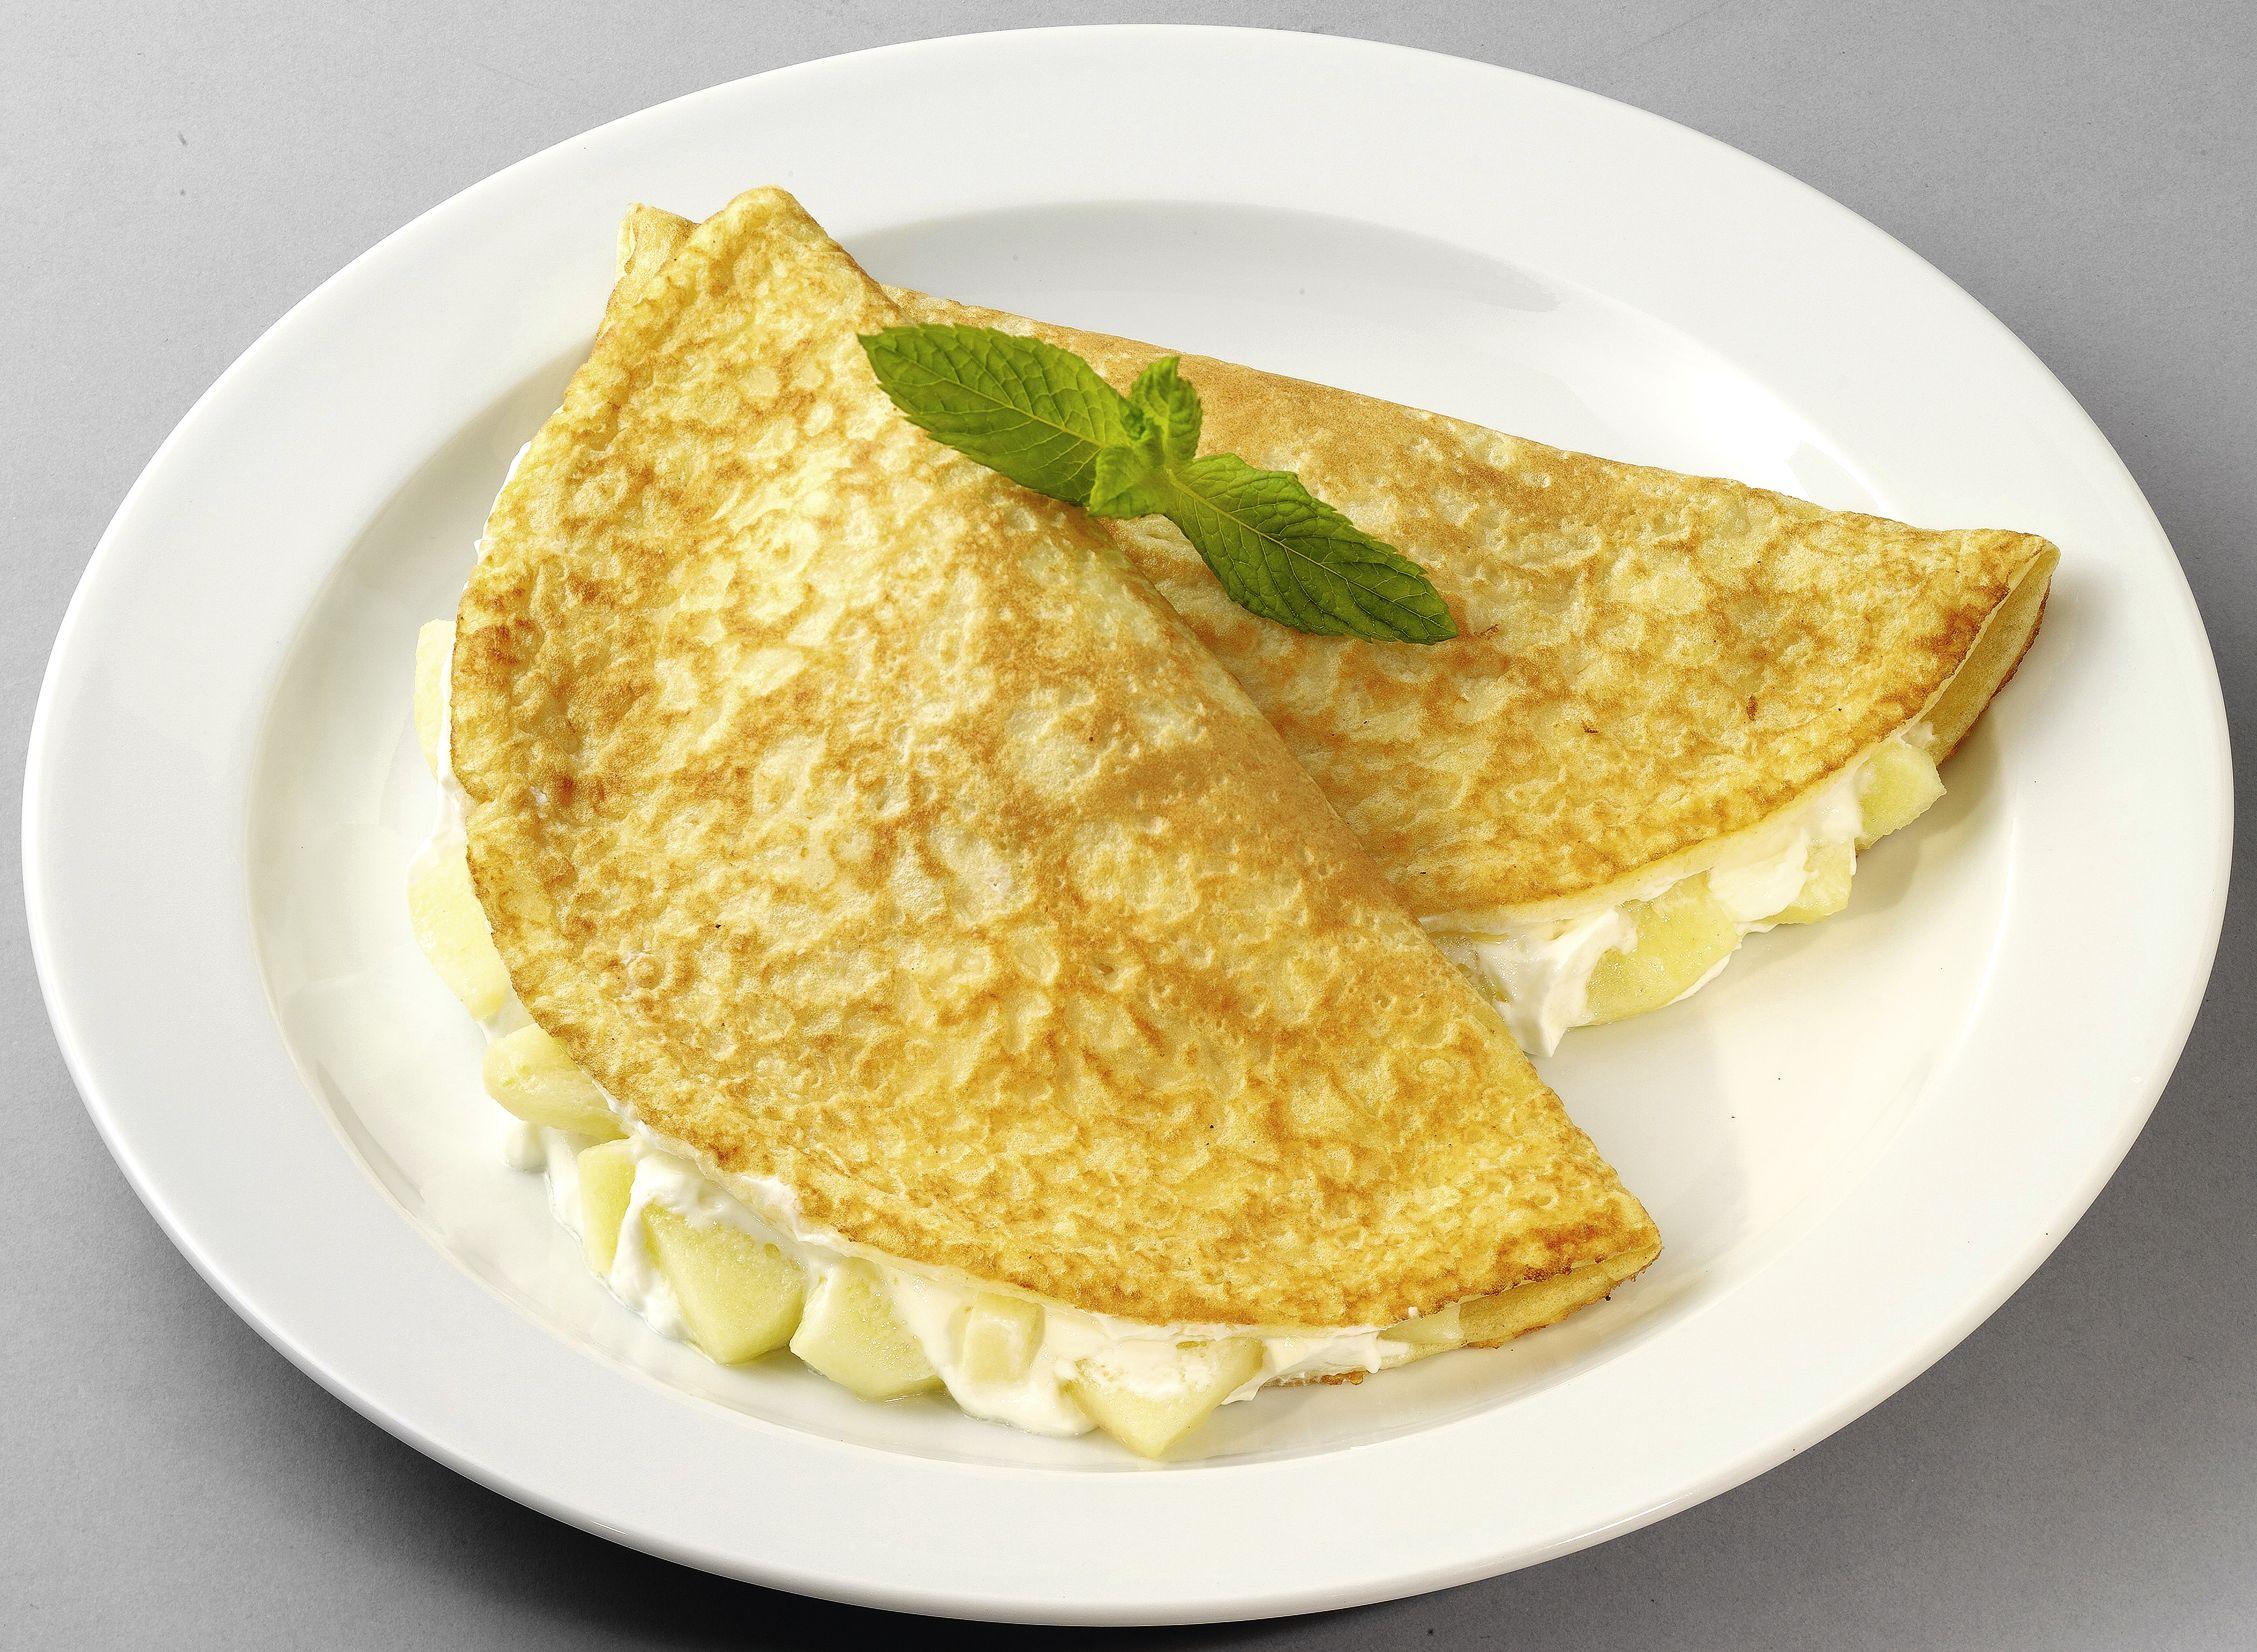 Goldgelb gebackener Eierpfannkuchen mit Apfel-Quark-Füllung (mit Süßungsmitteln)